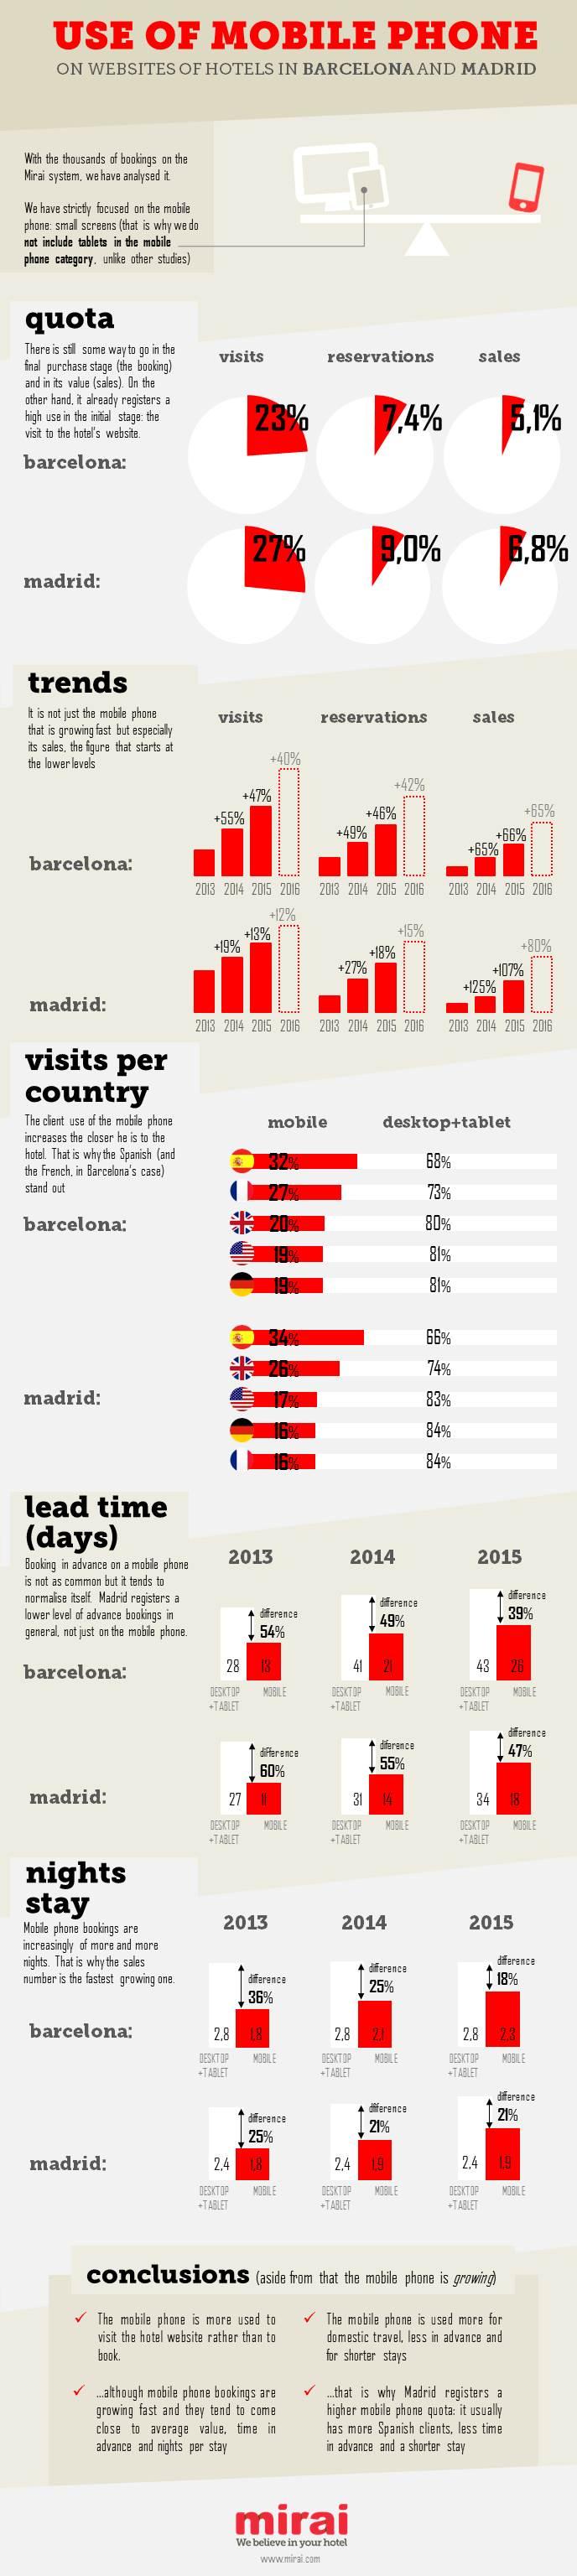 use of mobile hotel websites barcelona madrid